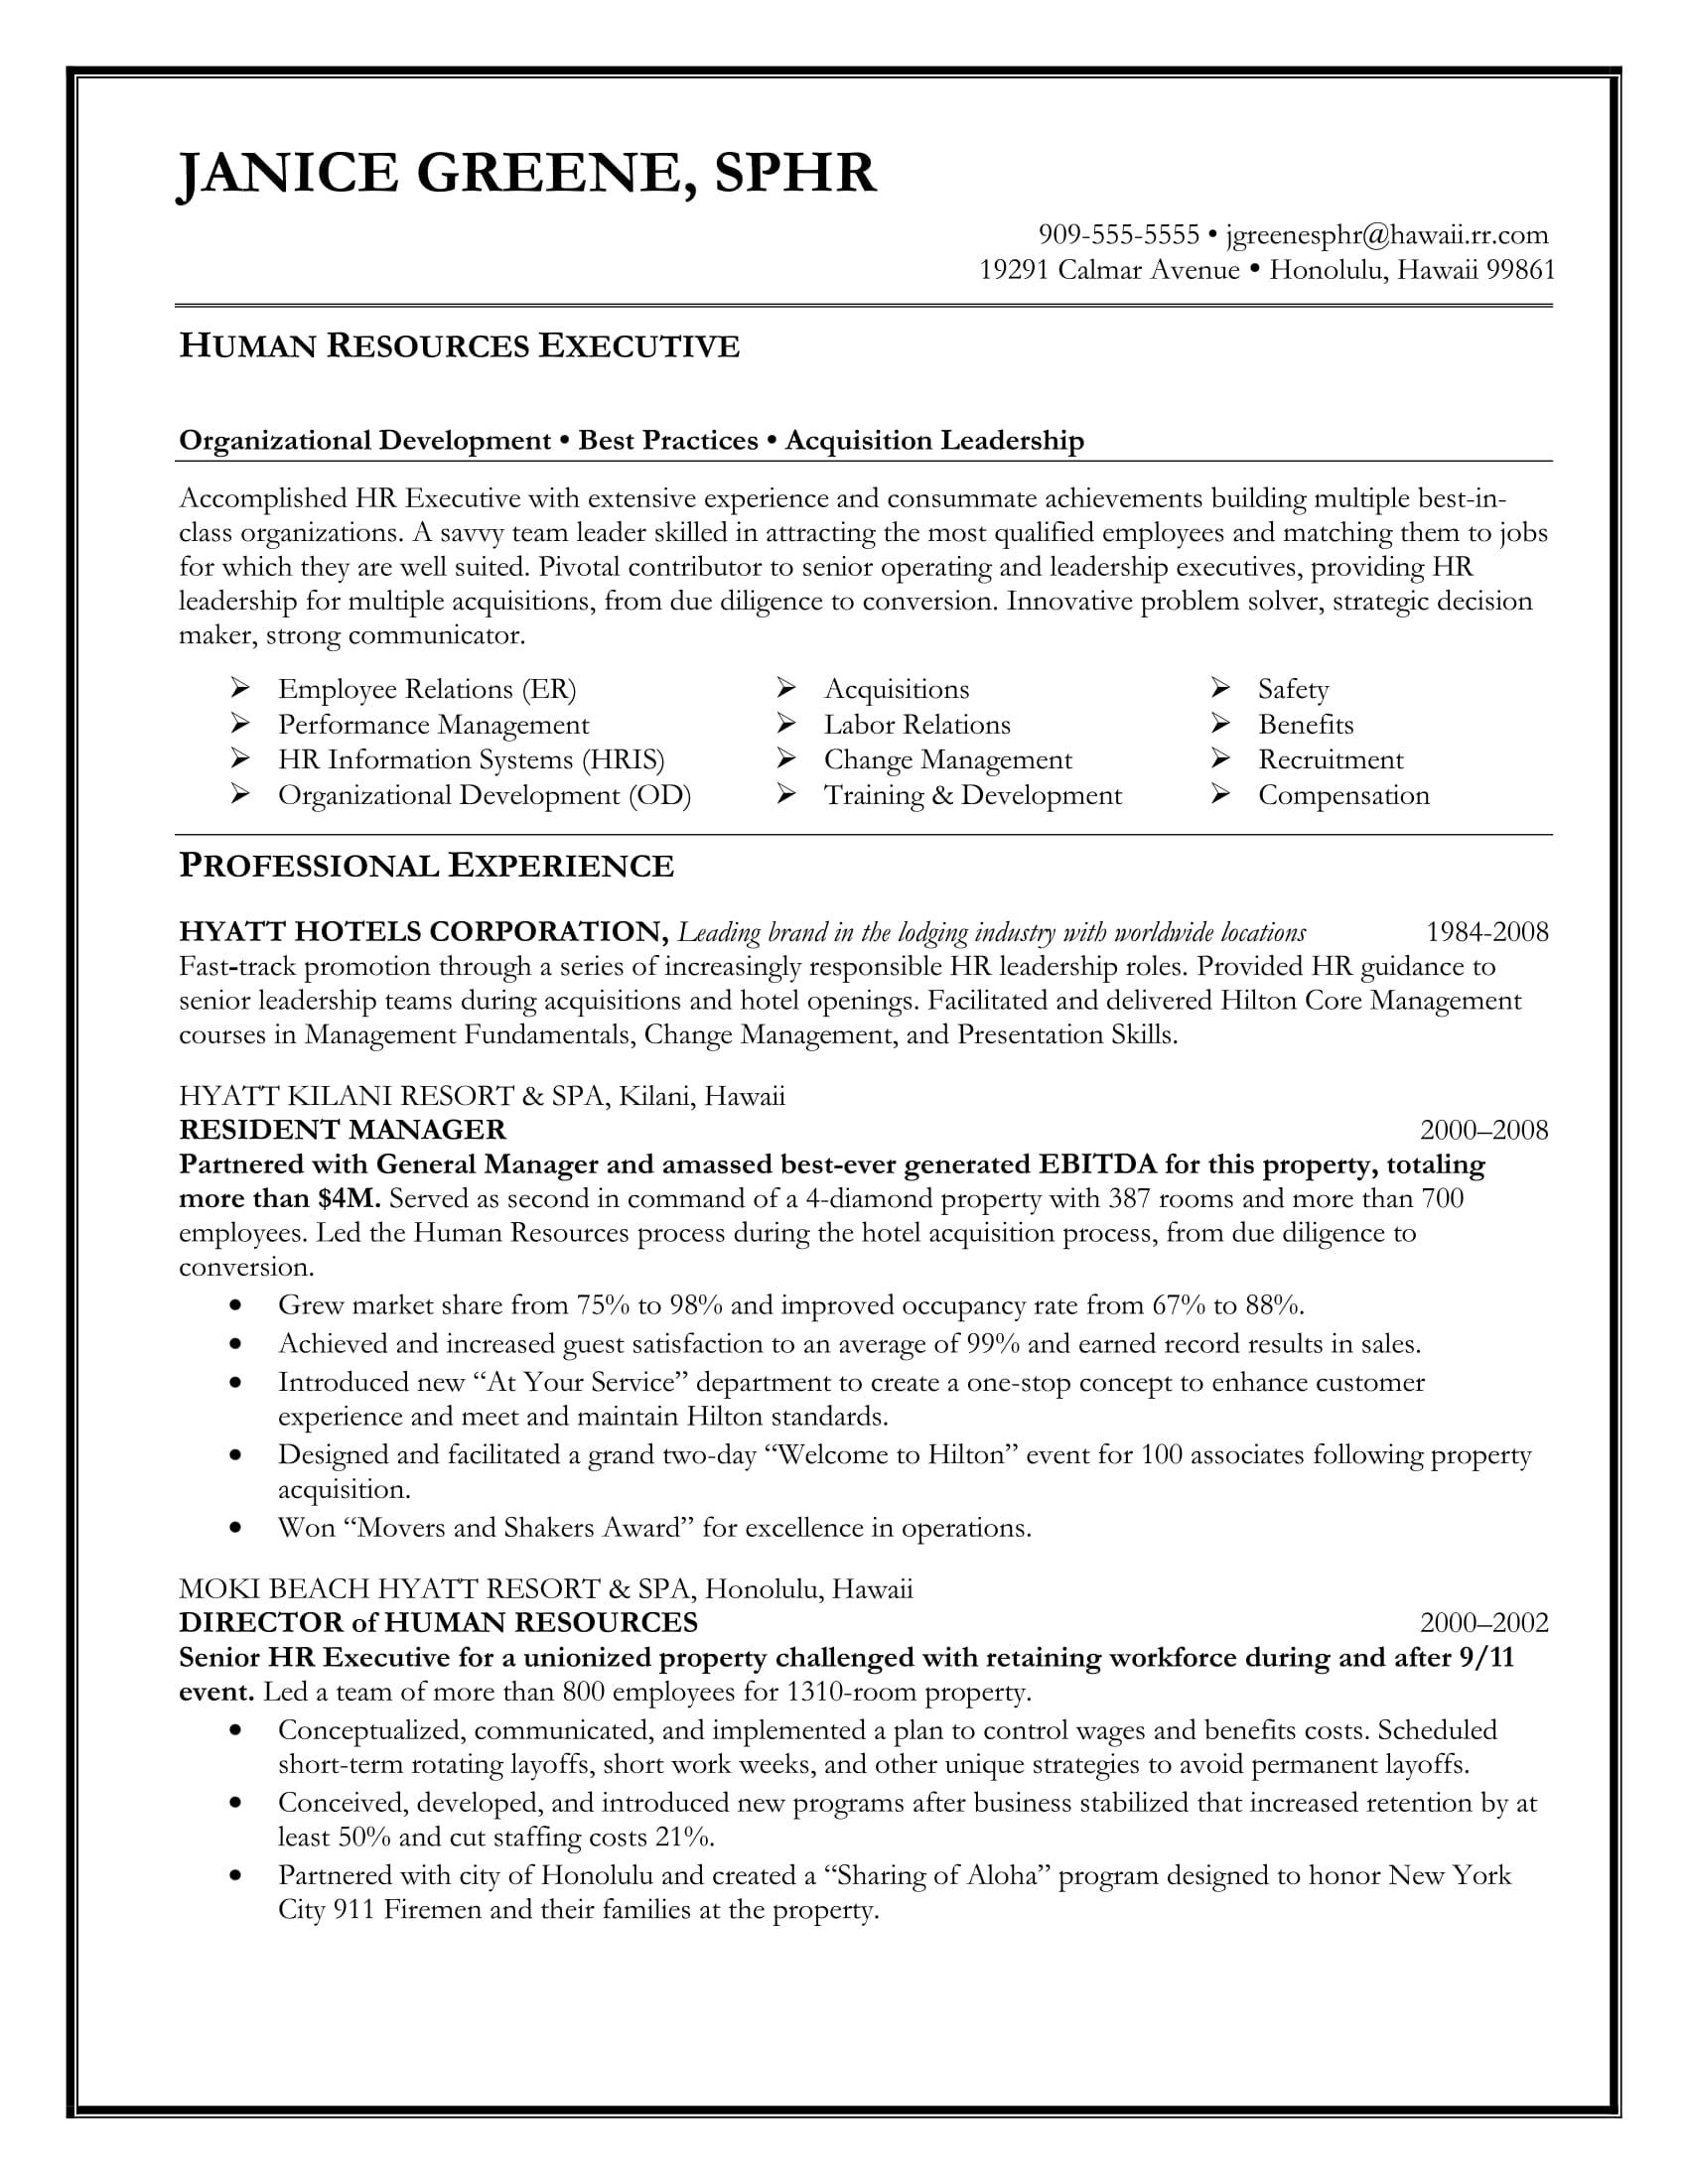 cv templates executive